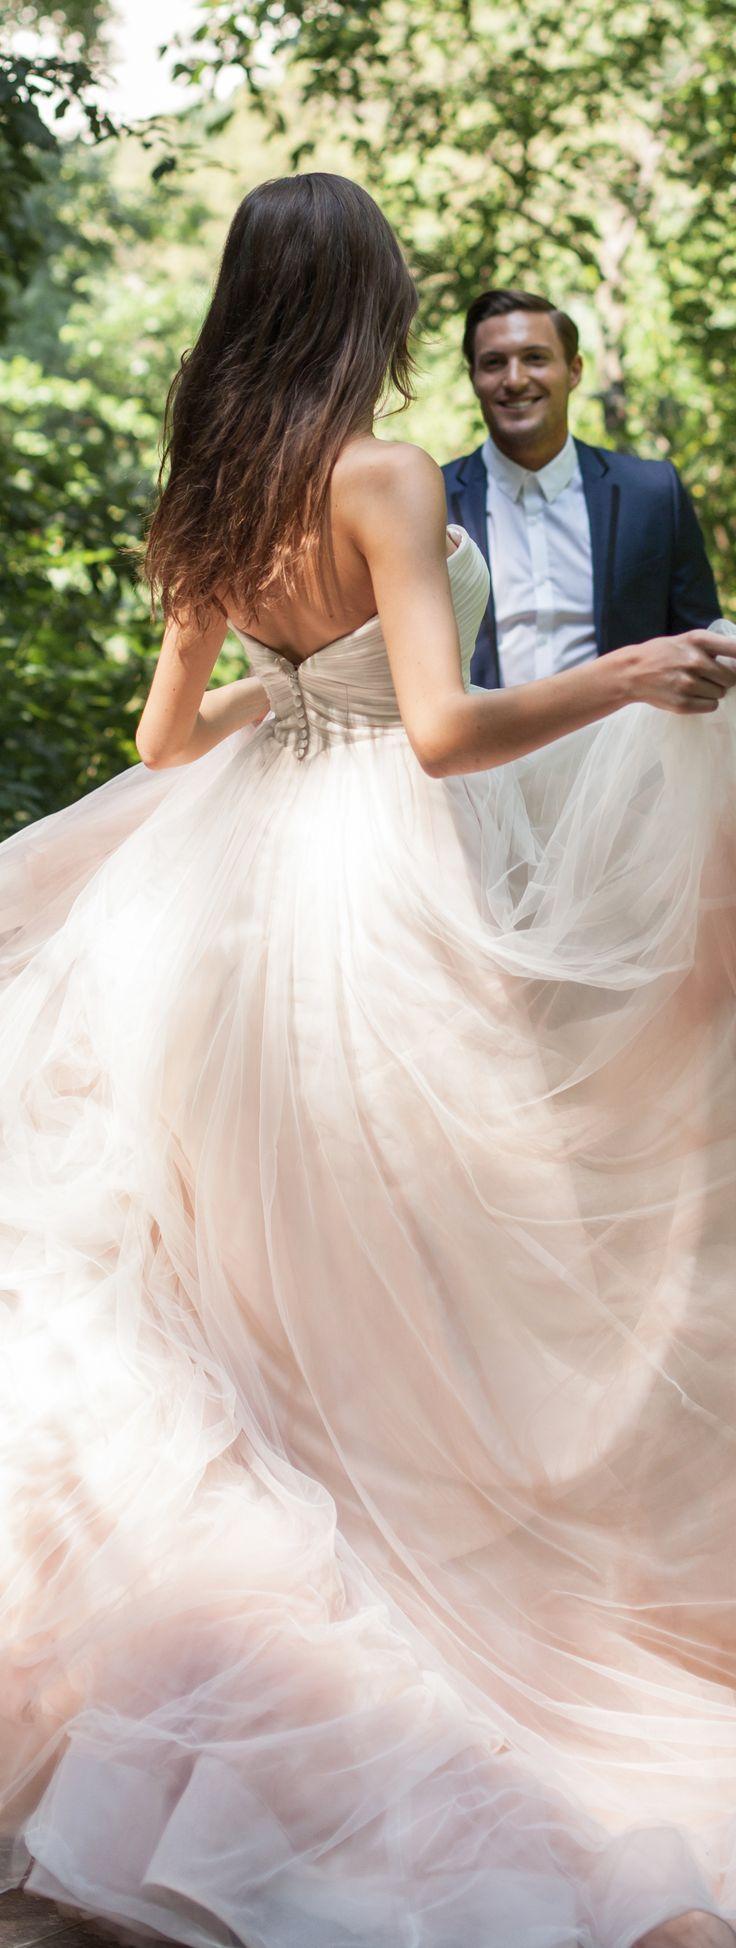 Blush Wedding Dress by Kelly Faetanini Spring 2017